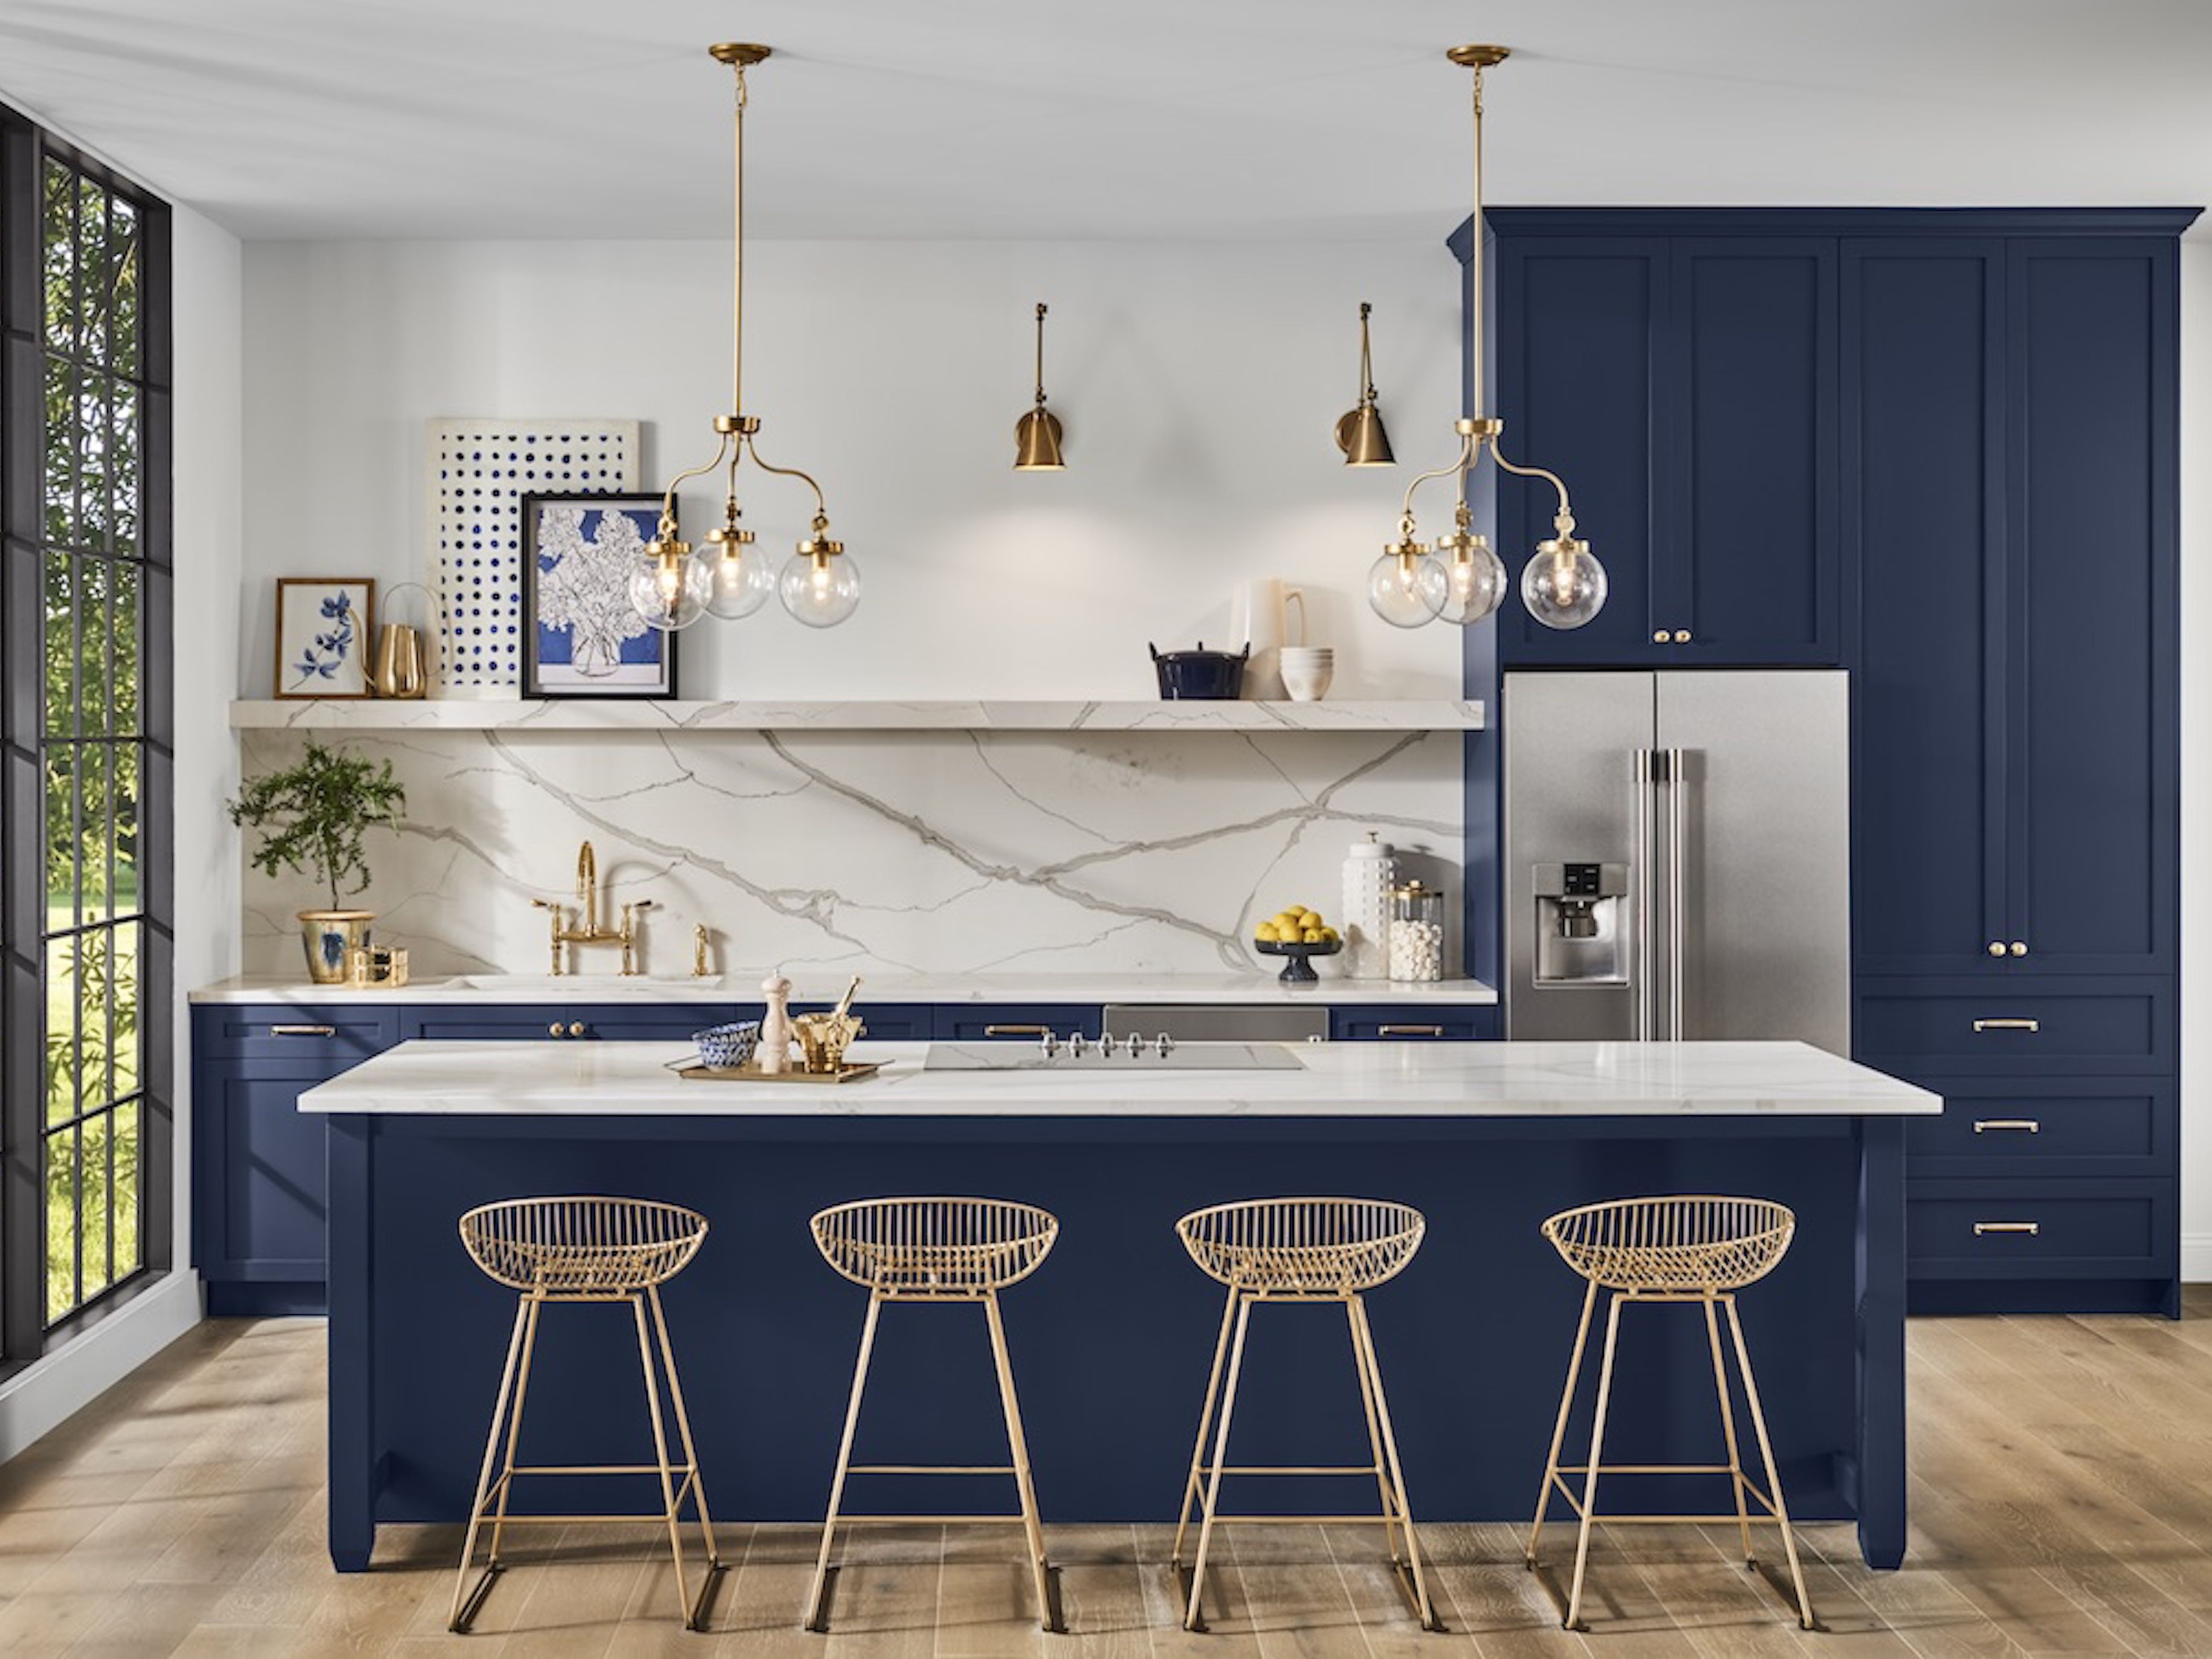 The Best Kitchen Design Inspiration From Instagram